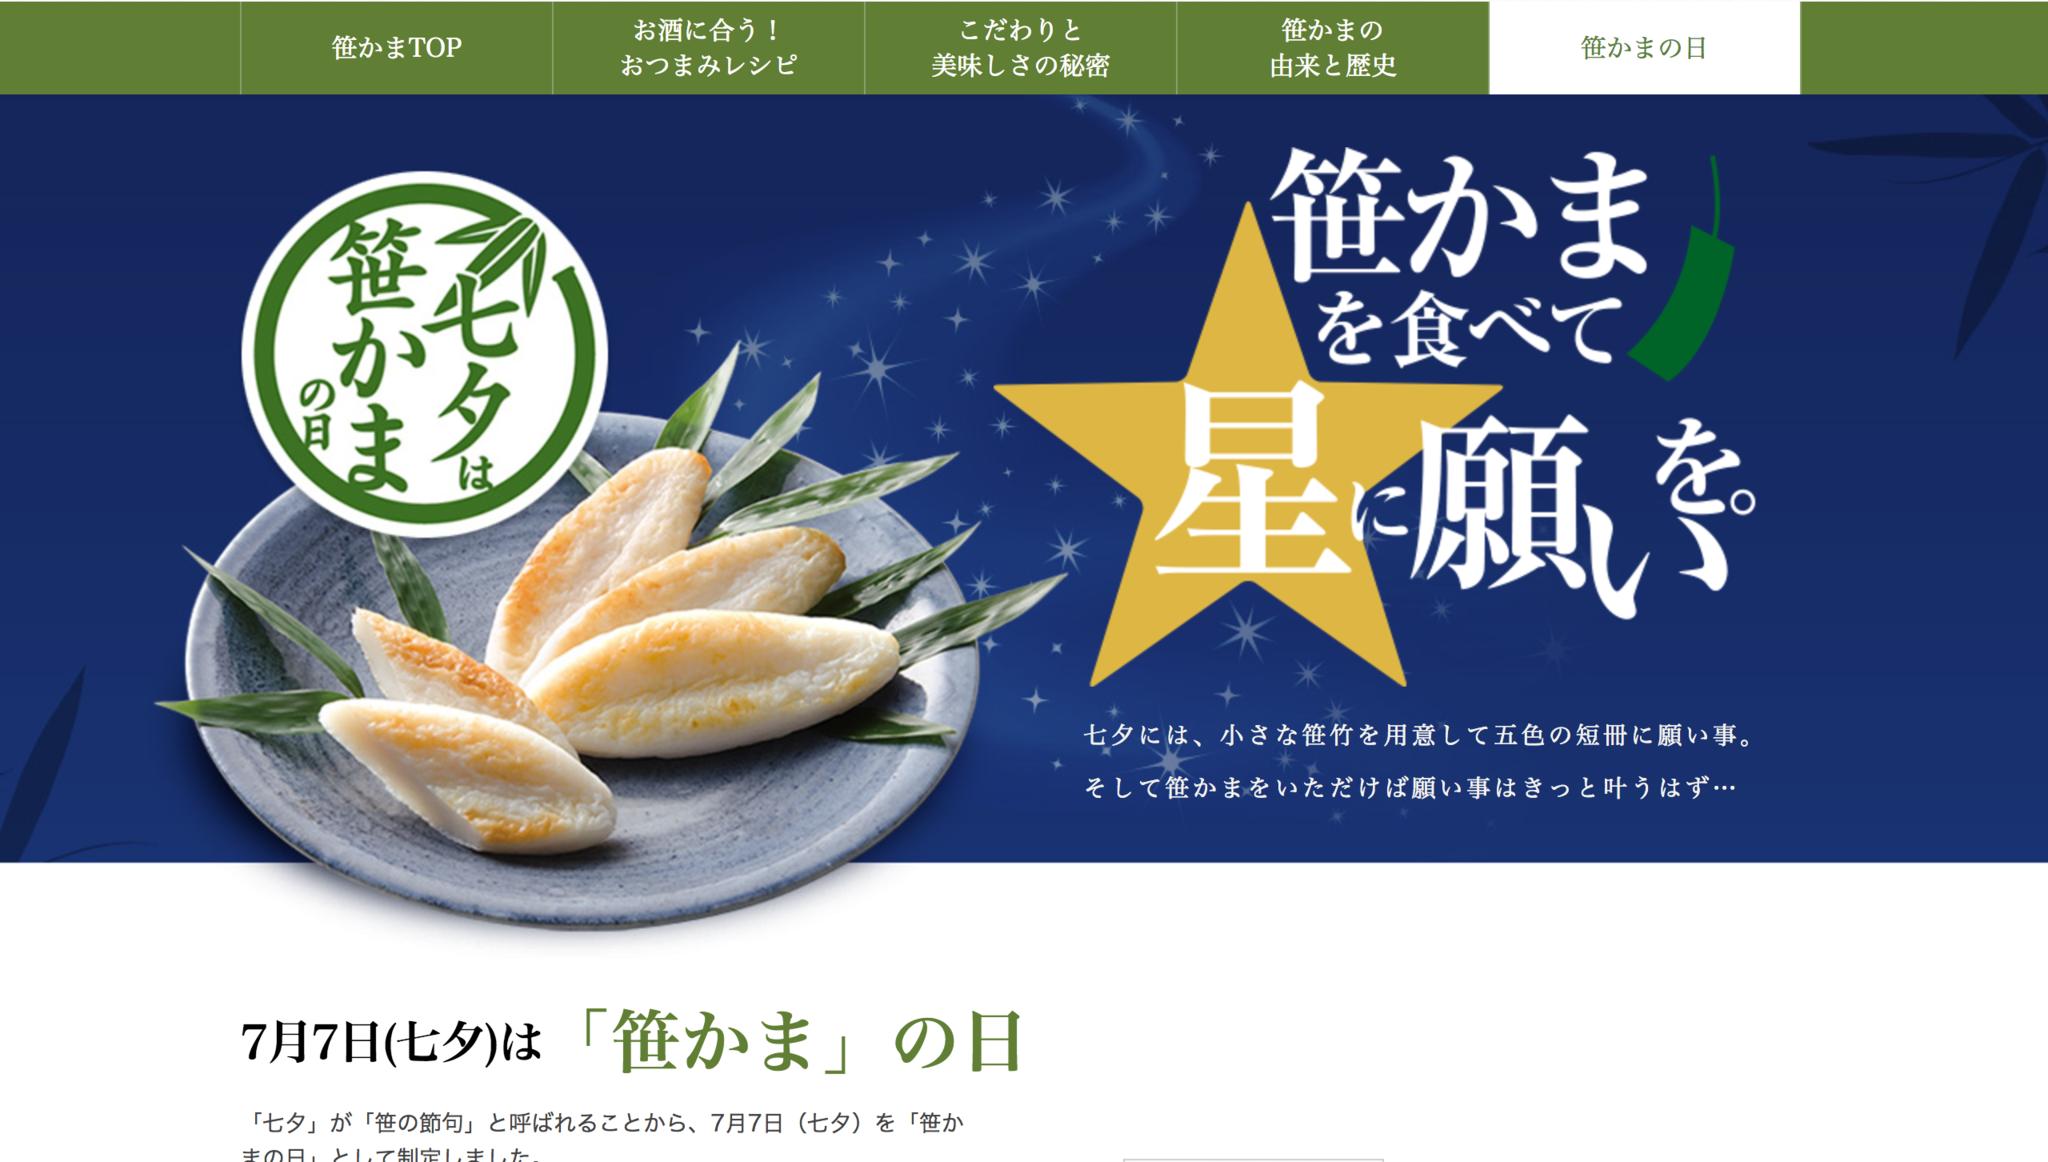 7月7日_七夕_は笹かまの日|紀文食品.png